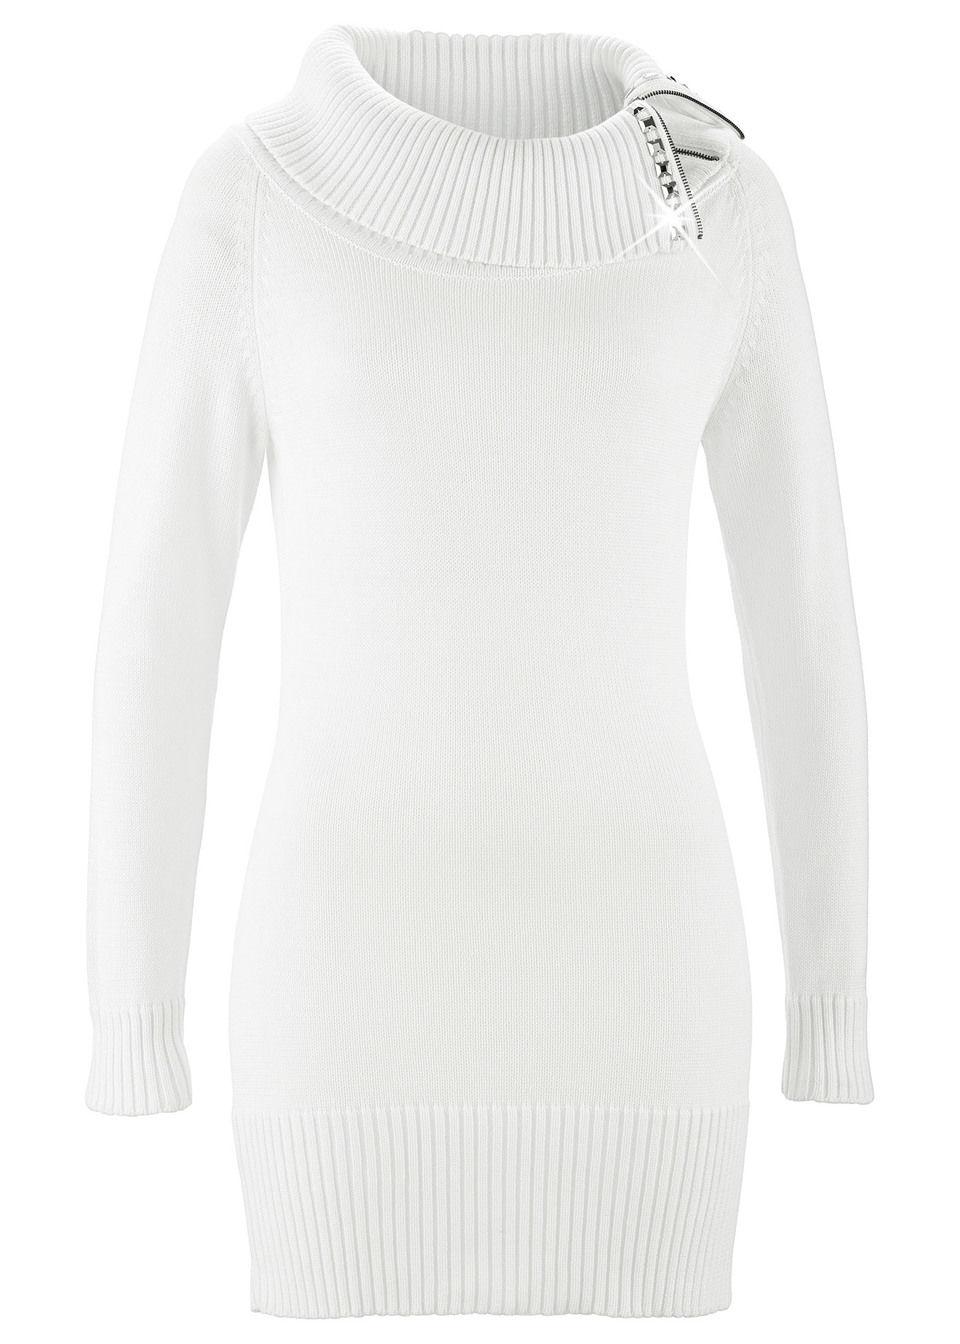 Купить Пуловер удлиненного покроя, bonprix, цвет белой шерсти